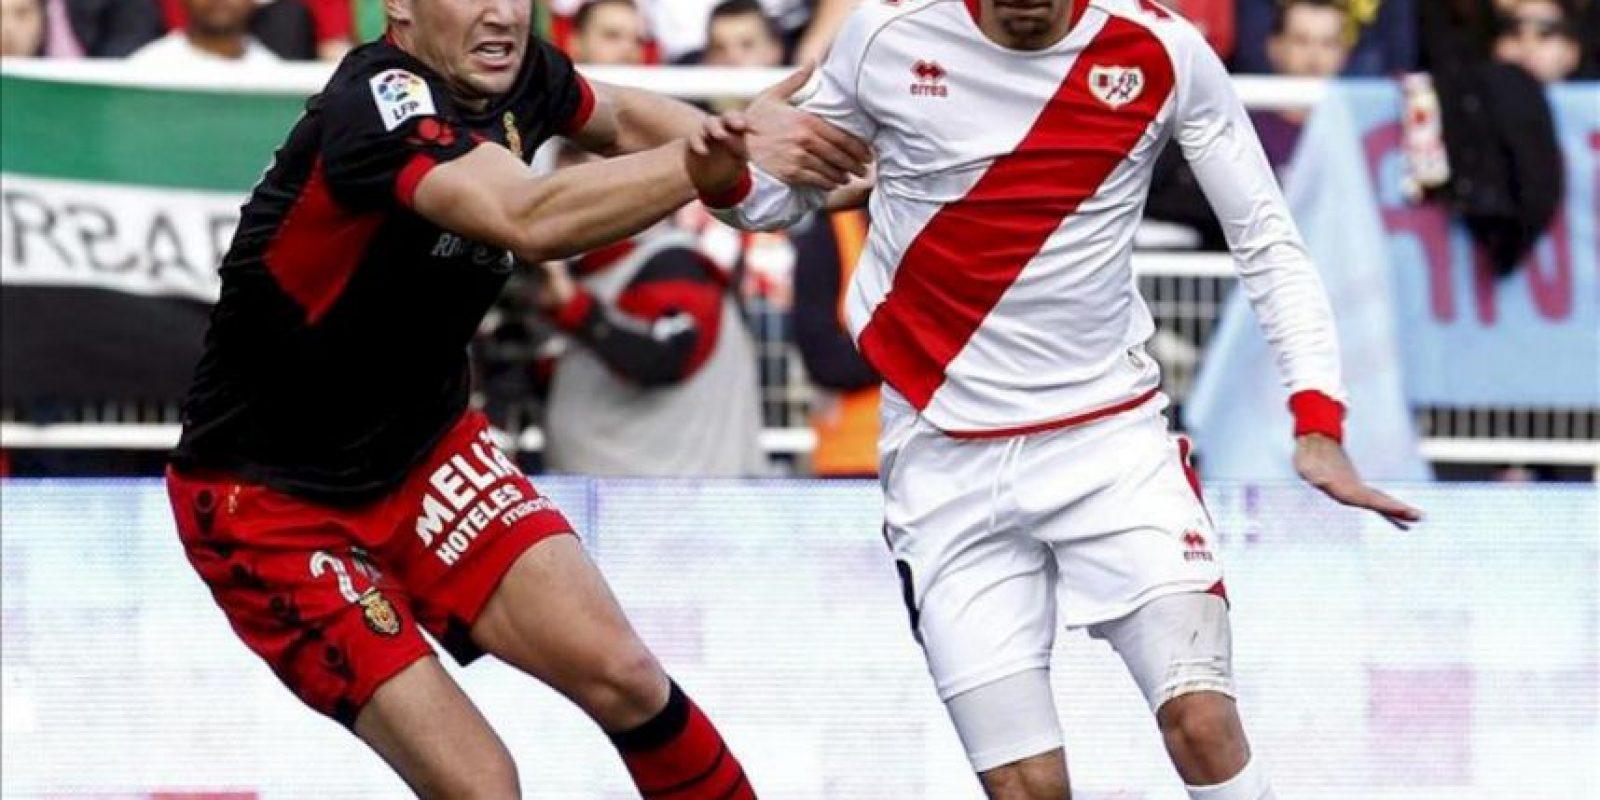 El centrocampista del Rayo Vallecano, Roberto Trashorras (d), intenta marcharse del centrocampista del Mallorca, Andreu Fontàs (i), en el partido correspondiente a la decimotercera jornada de la Liga de Primera División en el estadio municipal de Vallecas. EFE